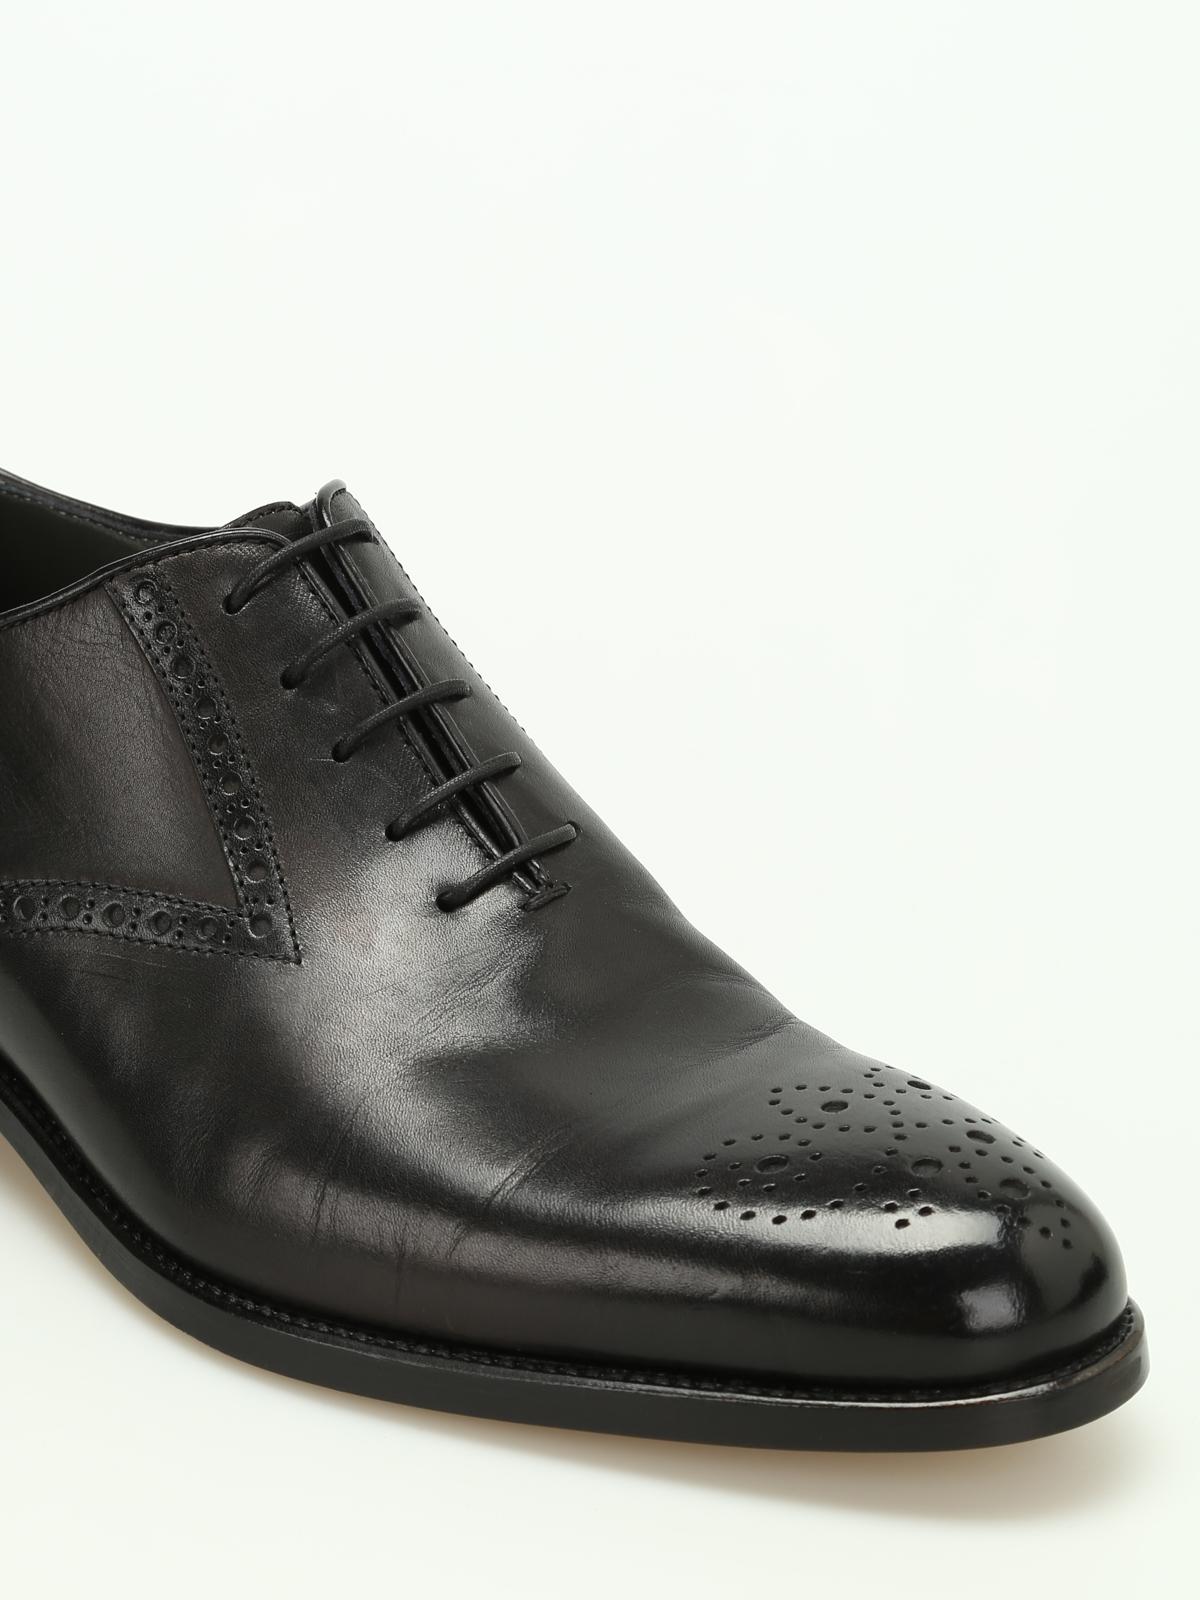 Zapatos Negro Moreschi 041238 Clásicos Lr WEDI9eHY2b